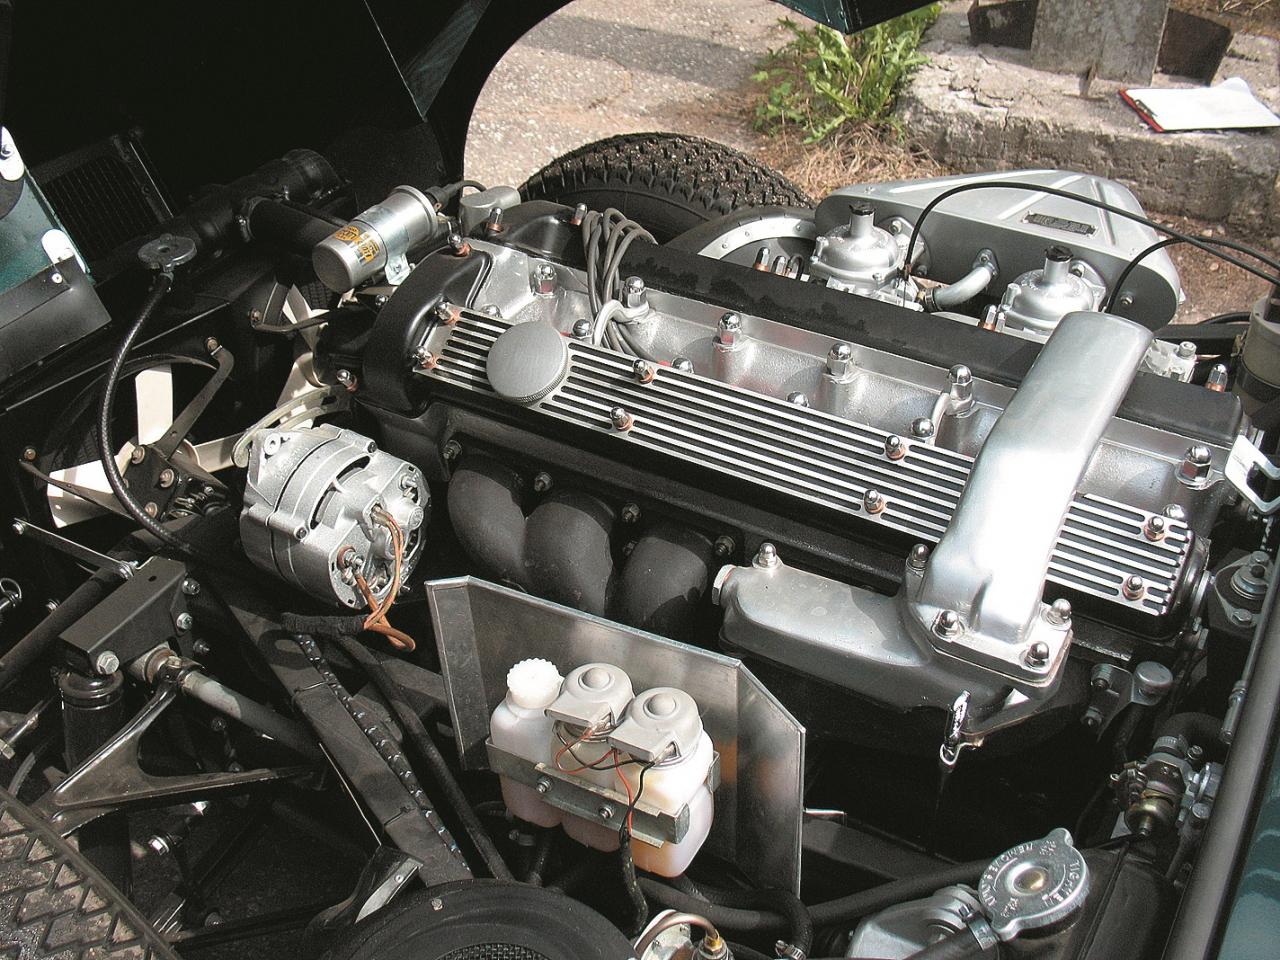 Augšējo vārstu rindas seši cilindri ar divām dzinēja galvās novietotām sadales vārpstām /2OHC/. Motora pārsegs ar priekšējiem spārniem paceļas uz priekšu un rada ērtu piekļuvi dzinējam.